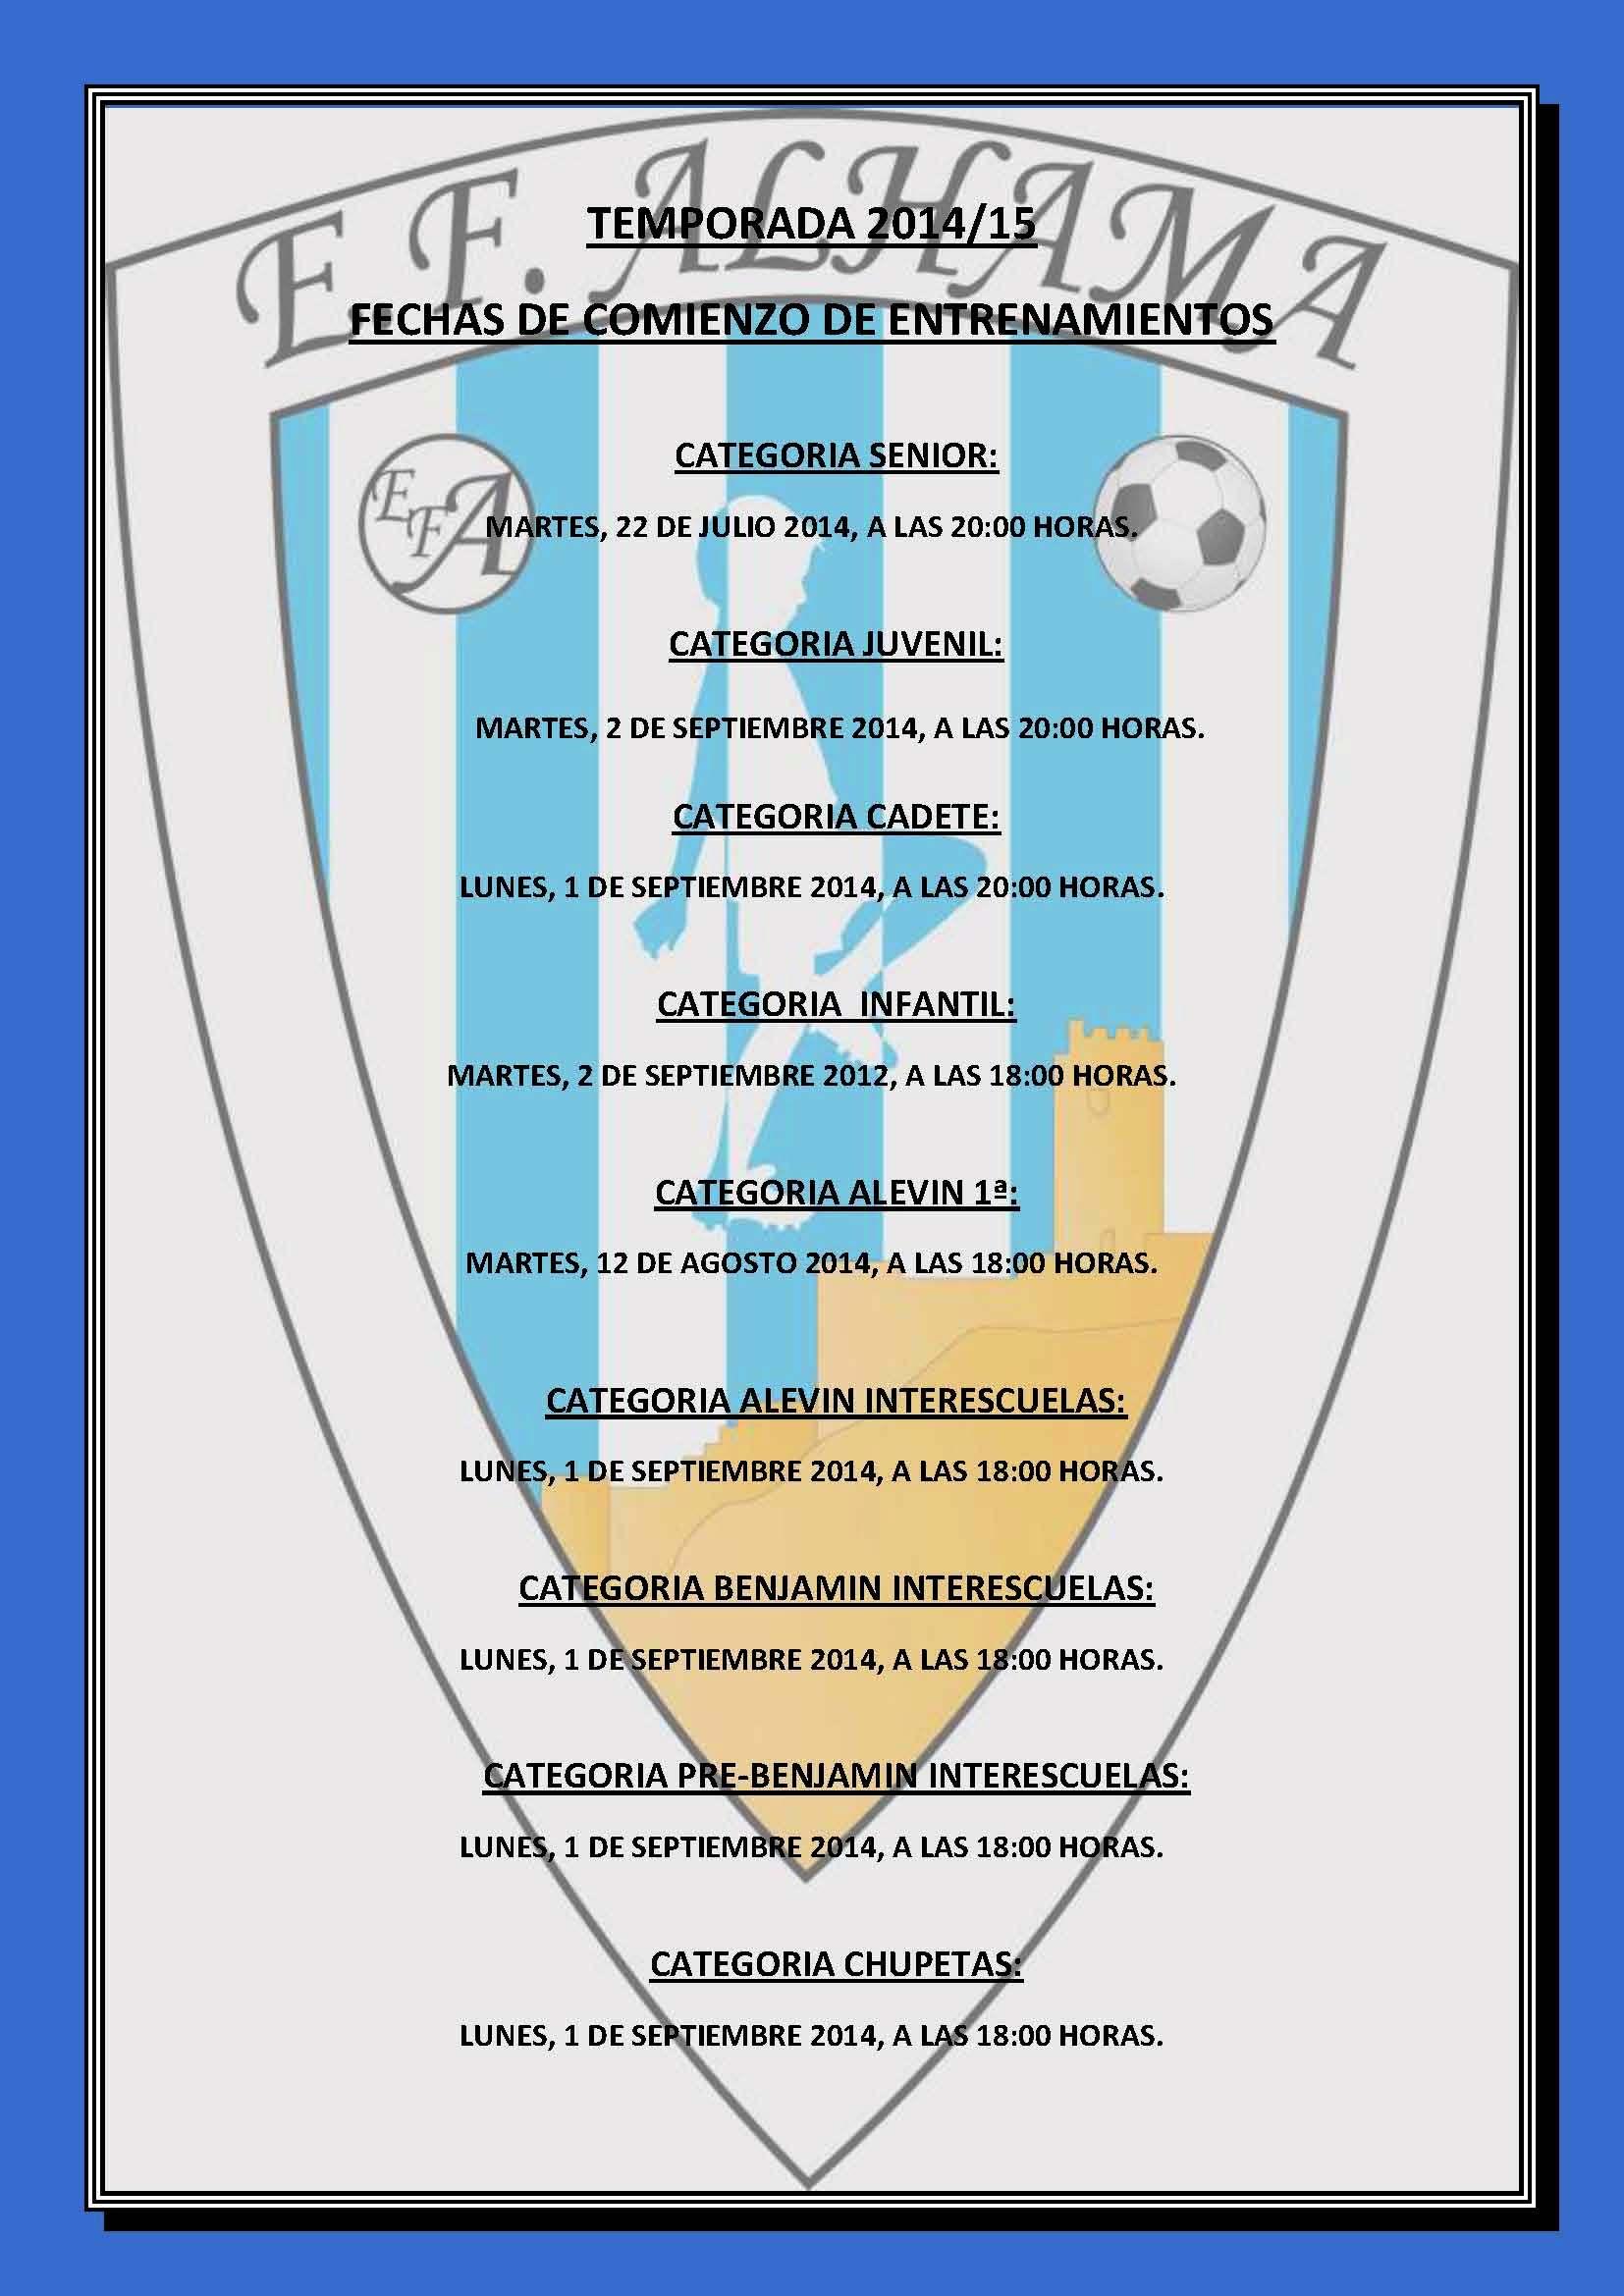 PRETEMPORADA 2014-15